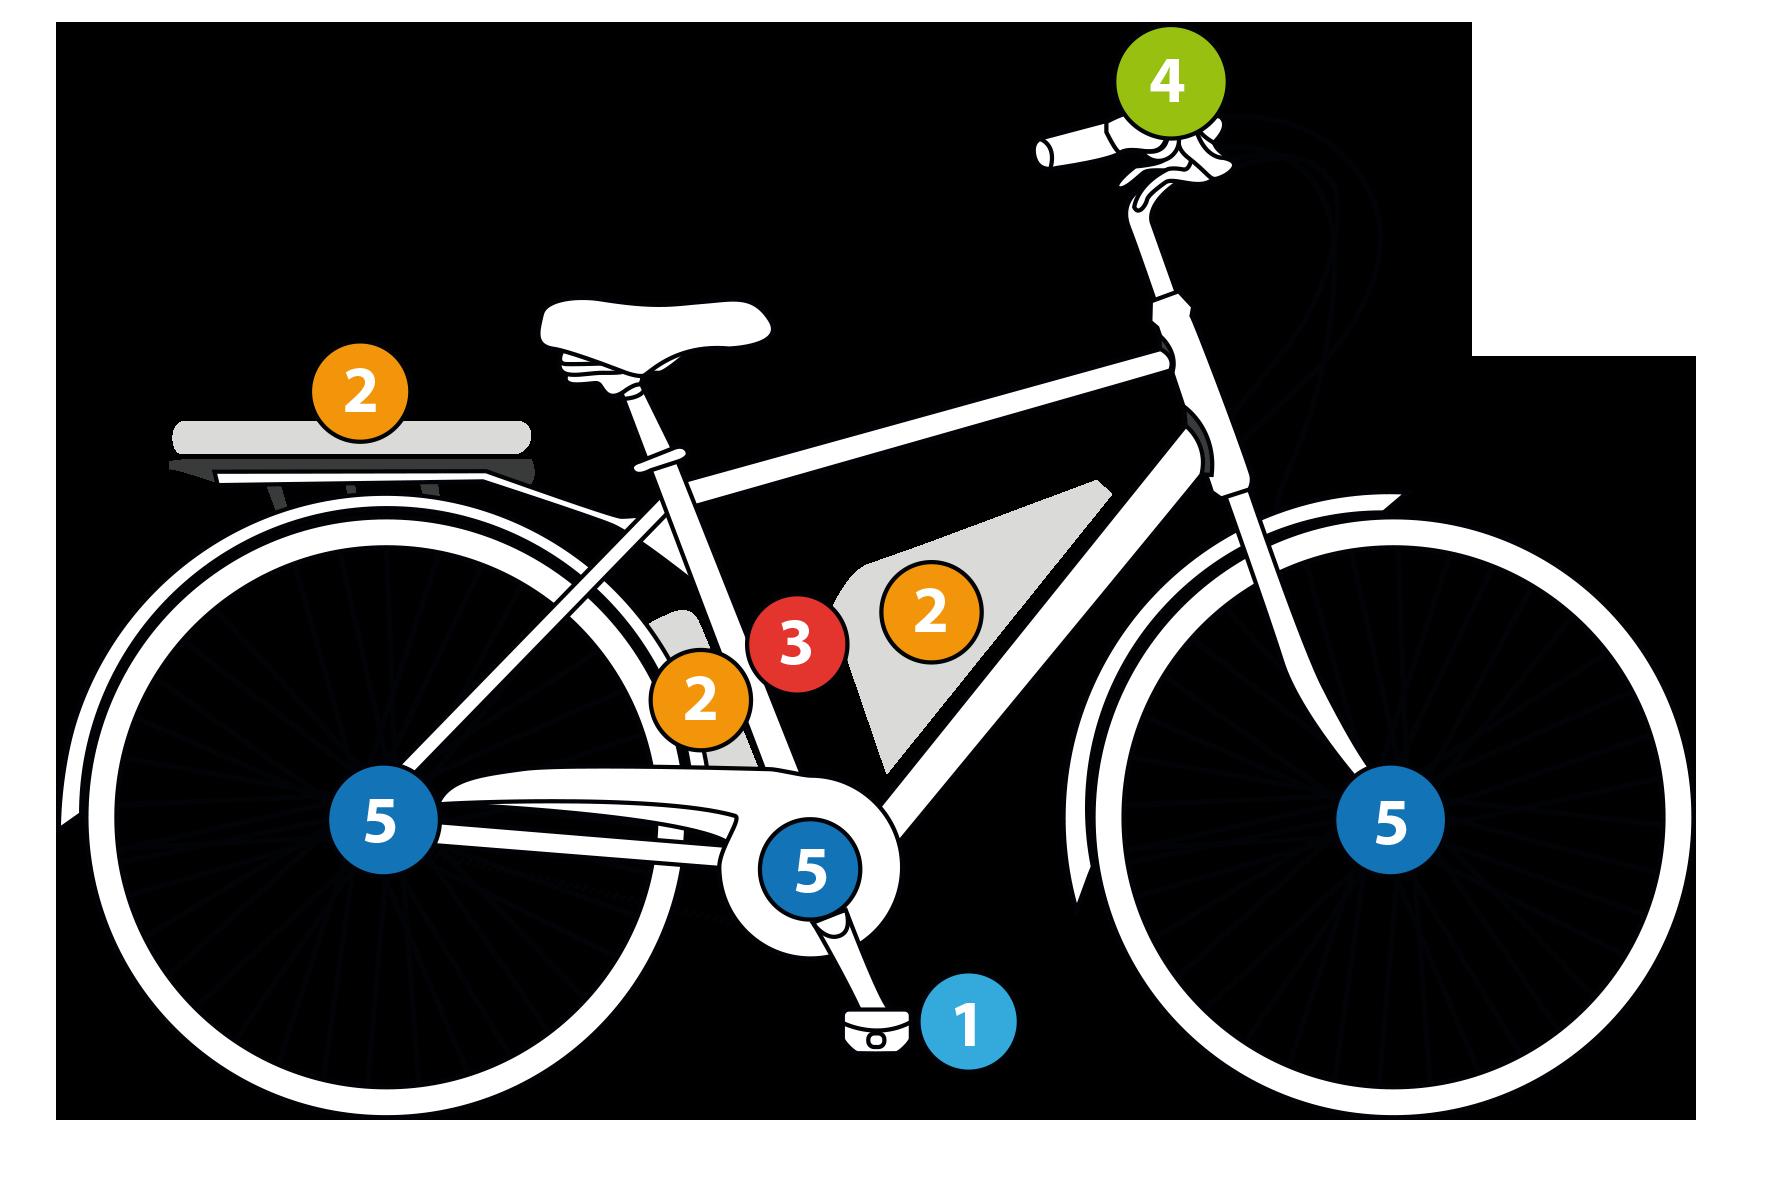 vélo électrique : schéma des 5 points essentiels